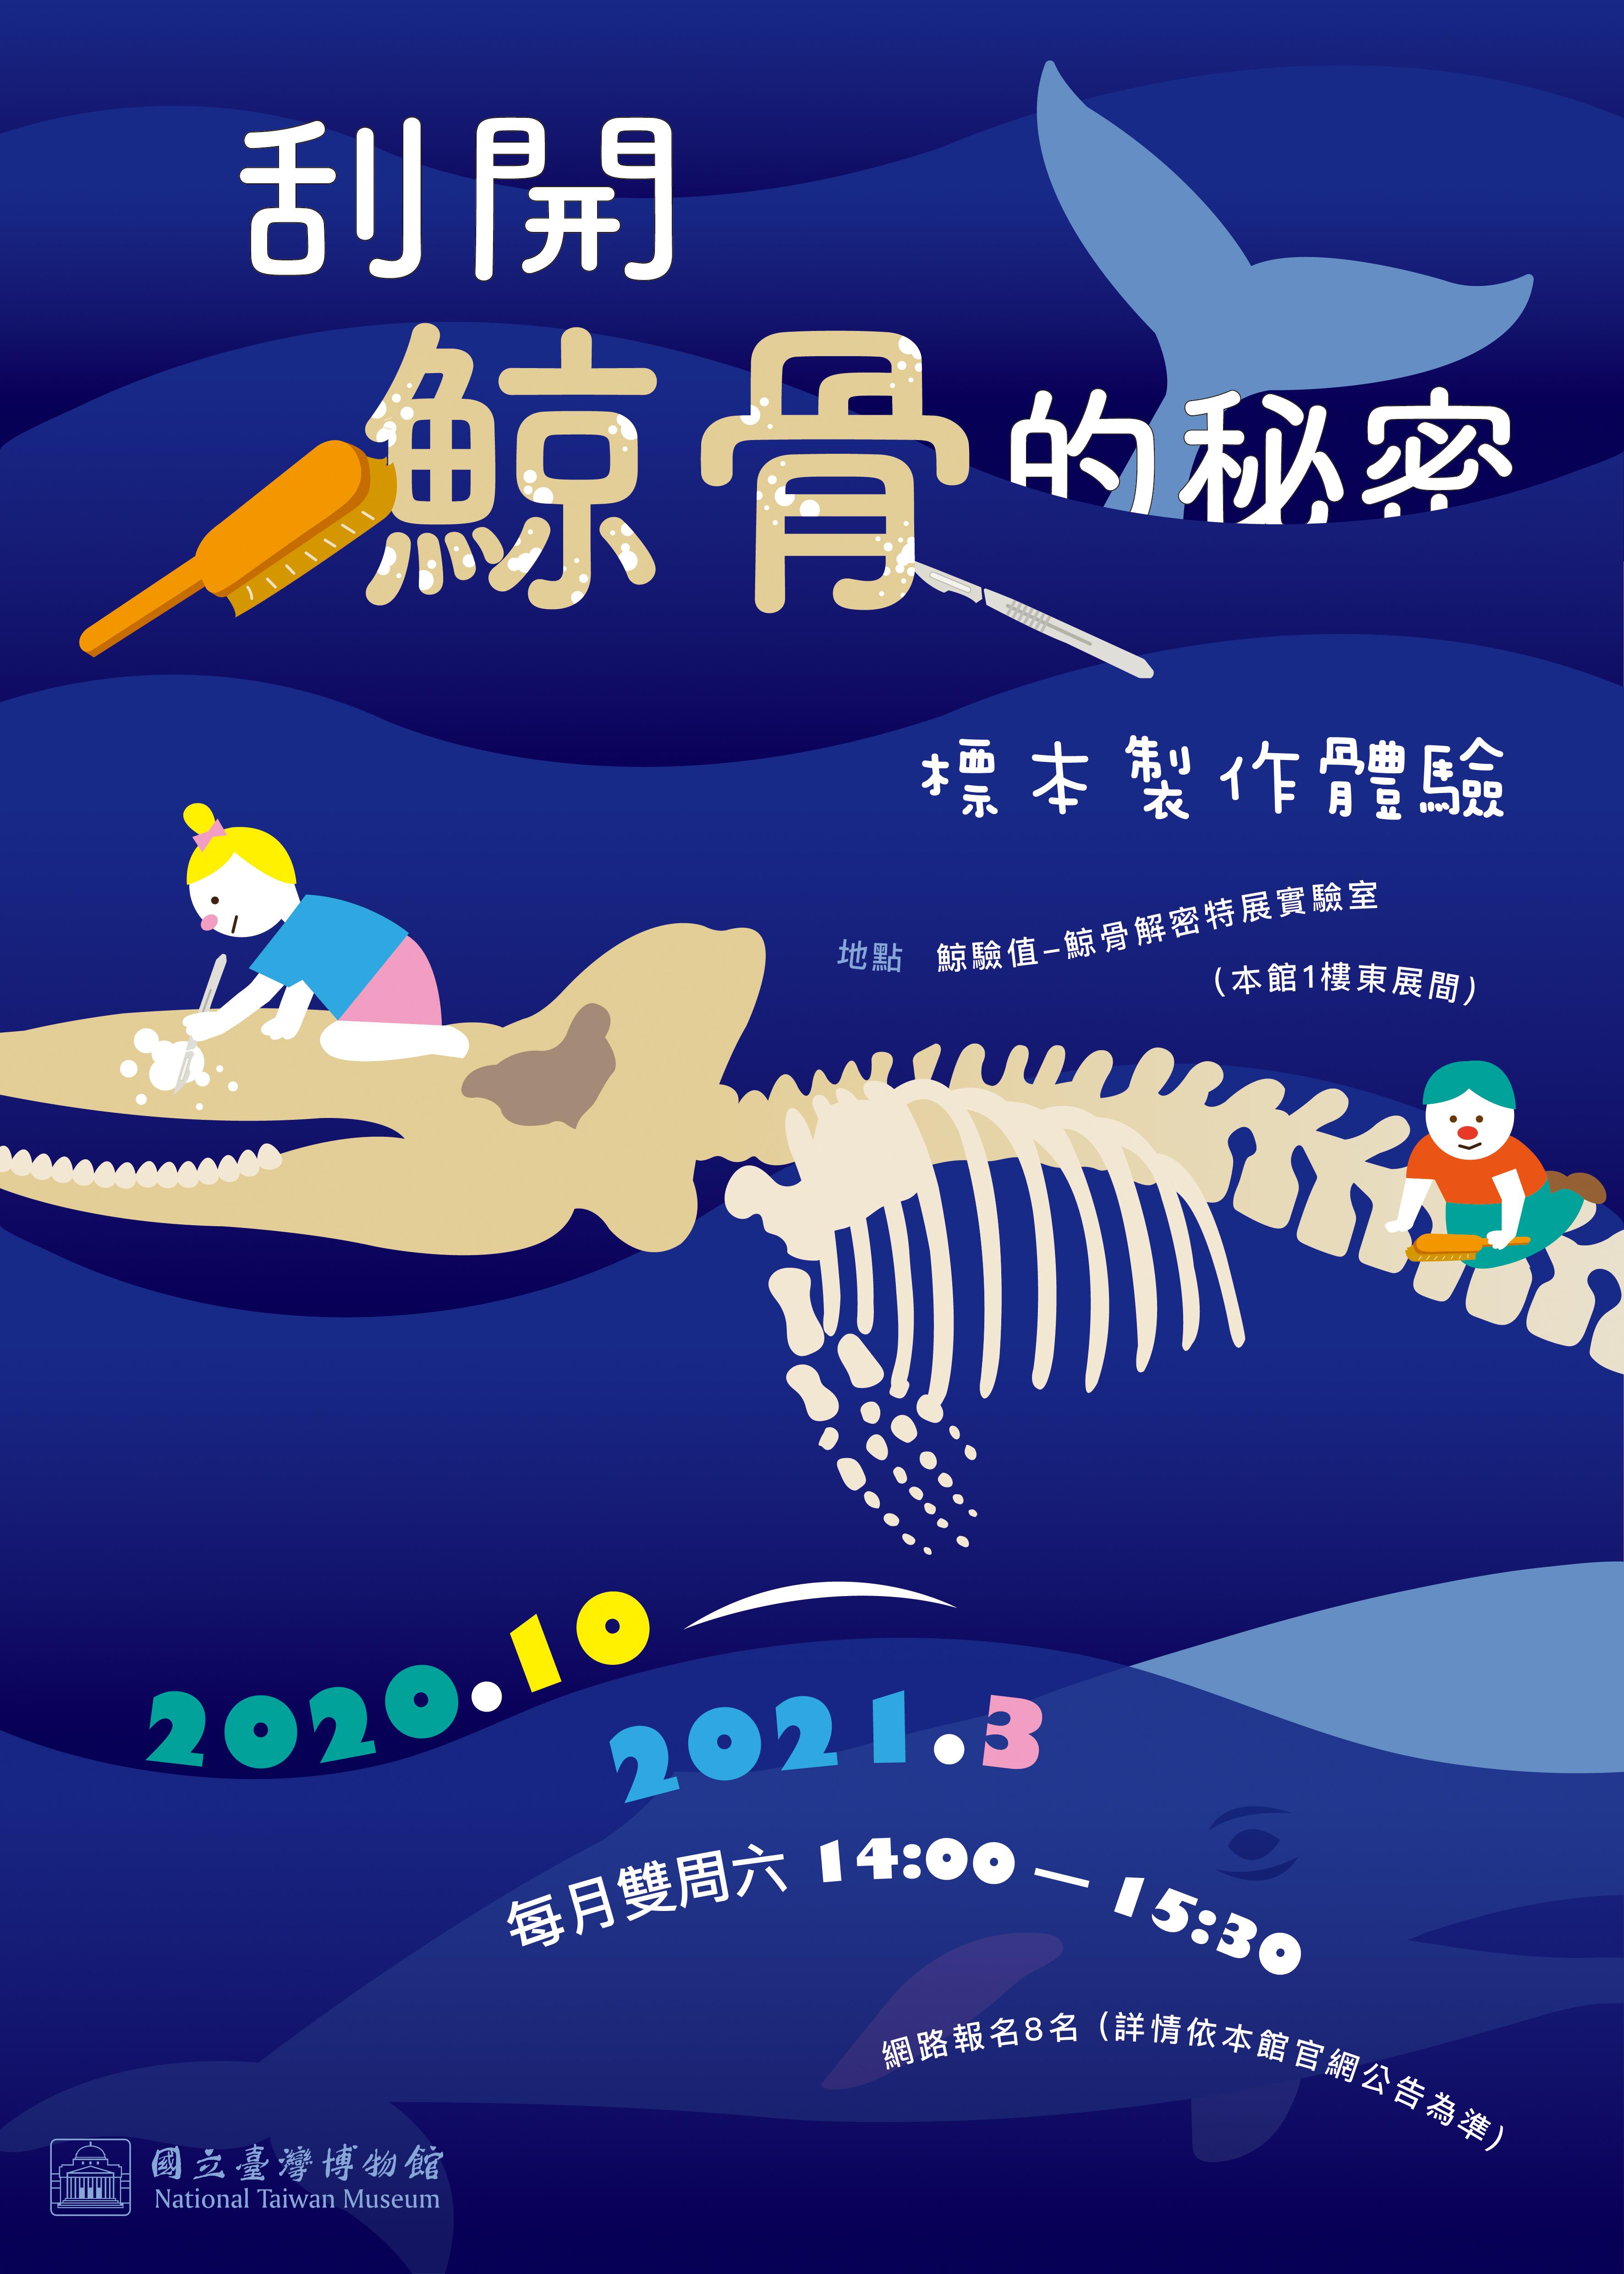 【鯨驗值-鯨骨解密特展活動】刮開鯨骨的秘密:標本製作體驗